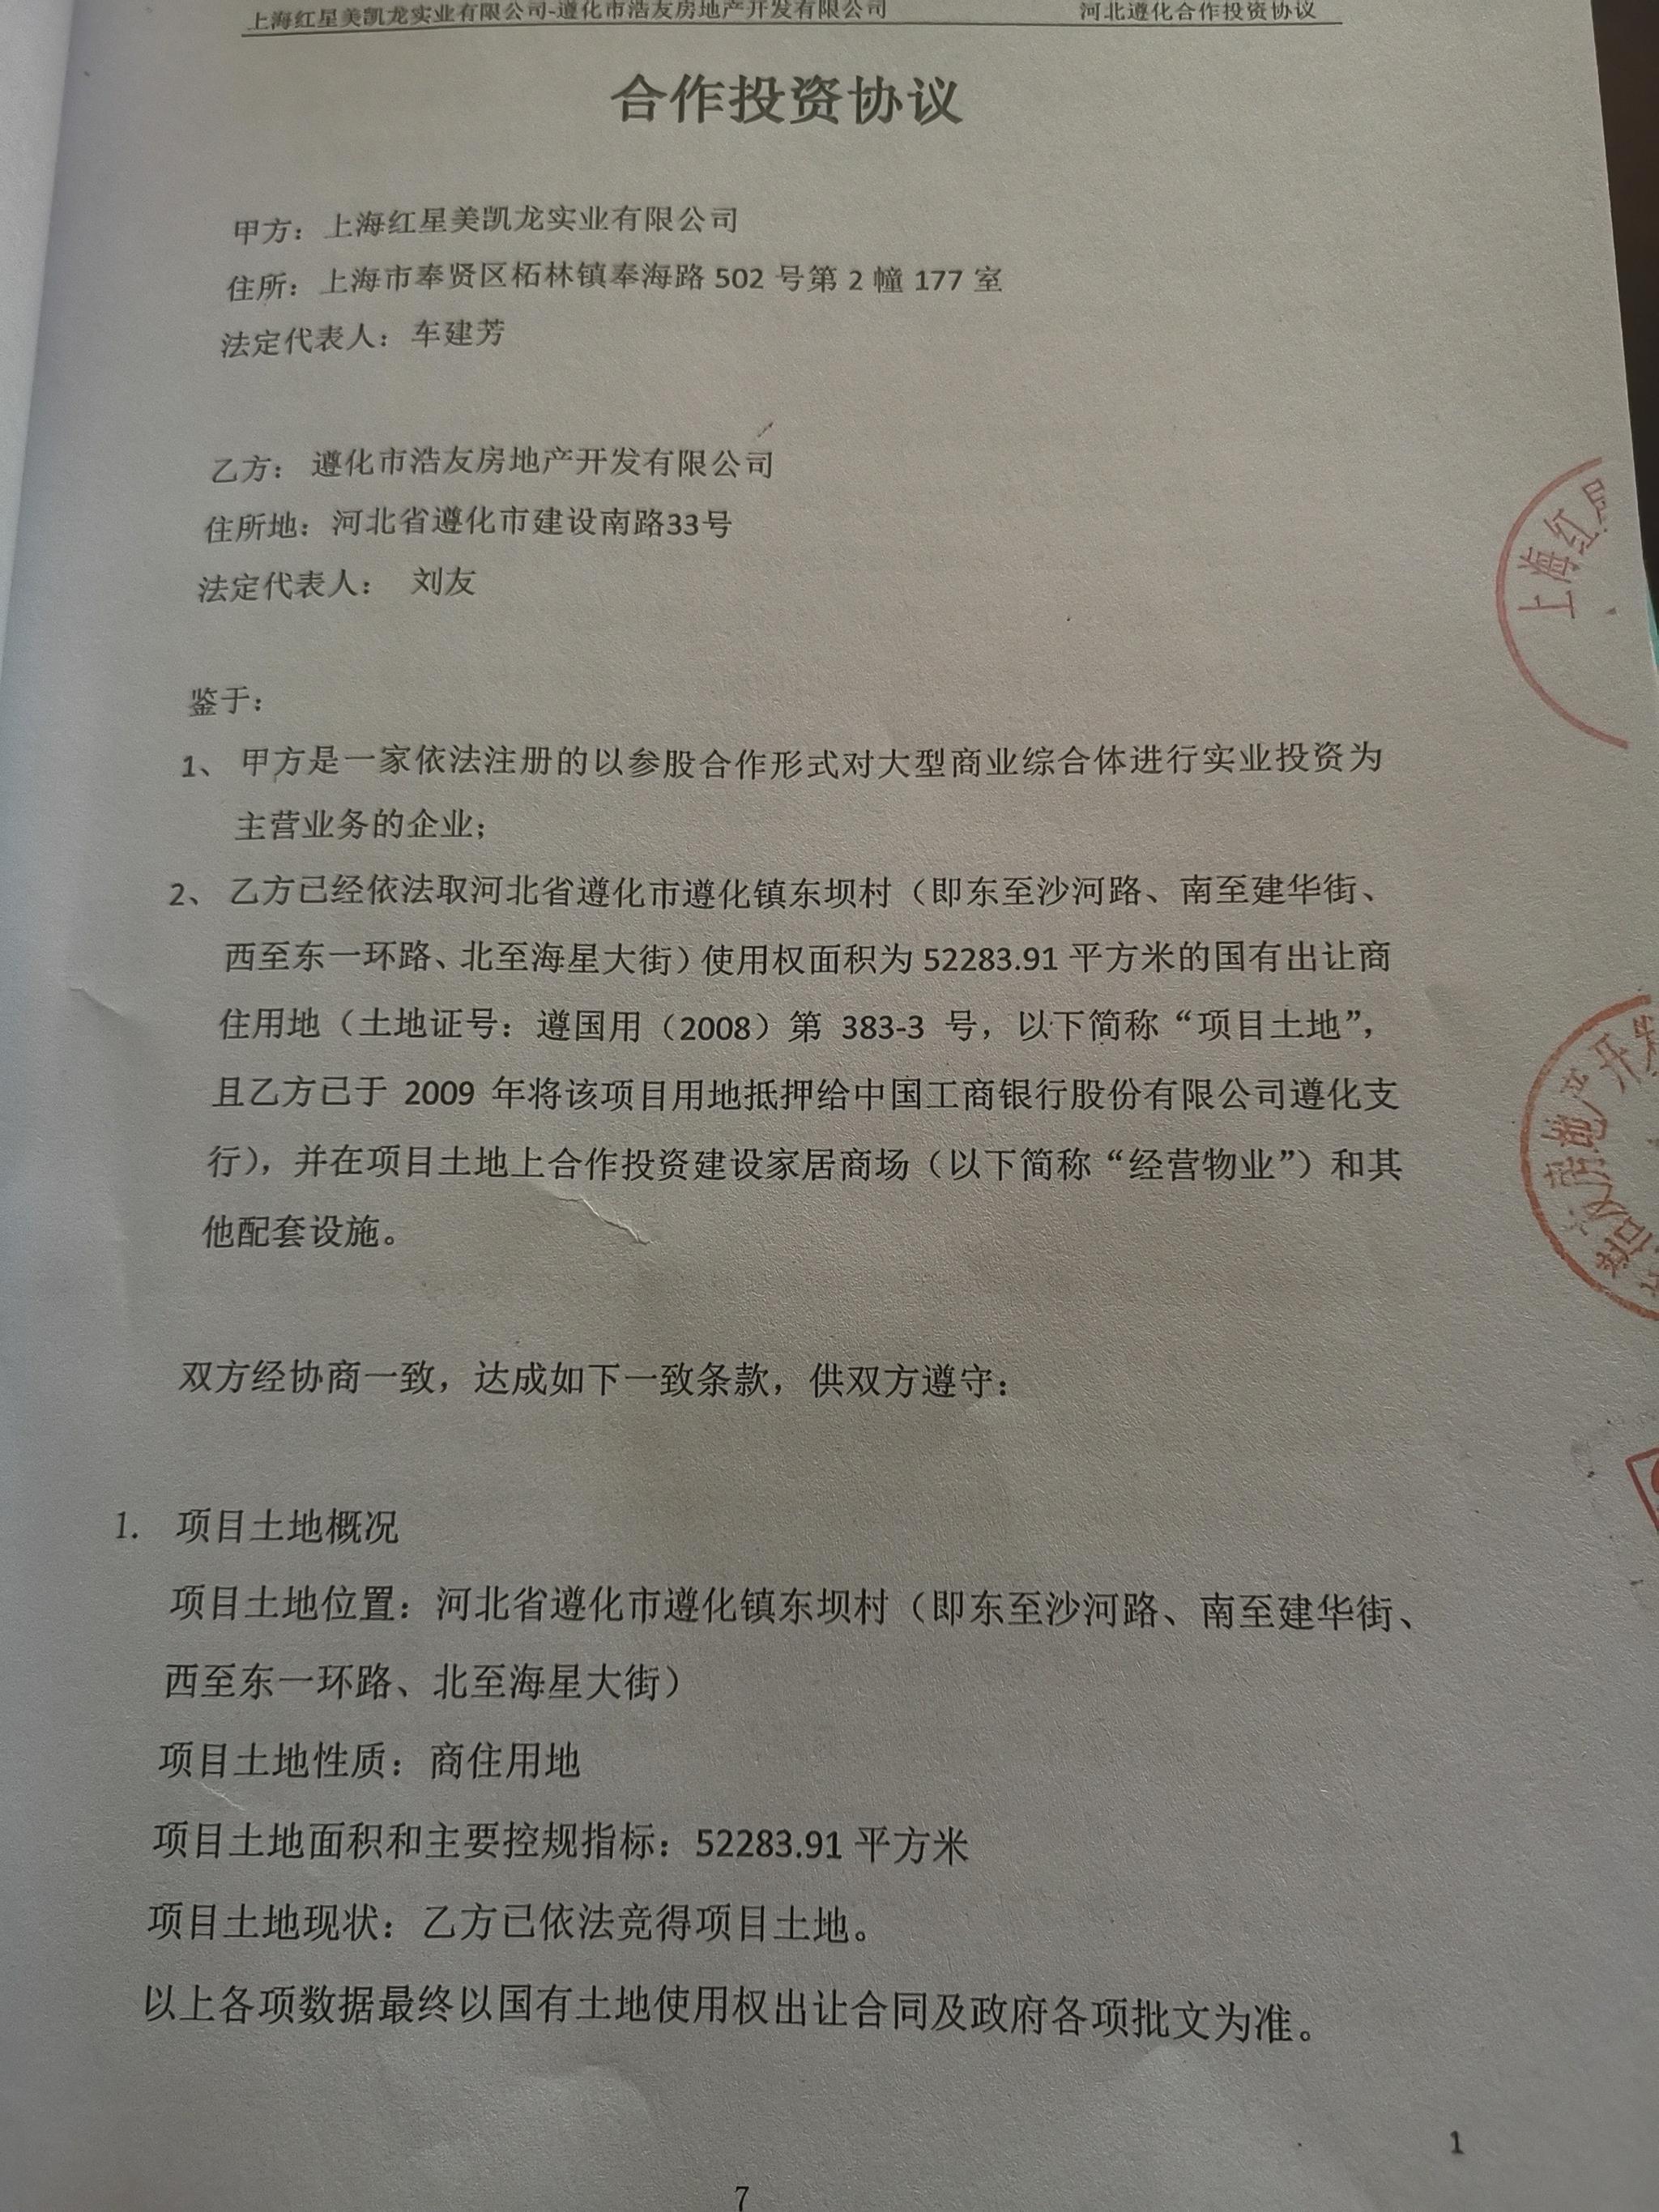 东方钽业8700万出售11套住宅背后:1.5亿资金或遭占用